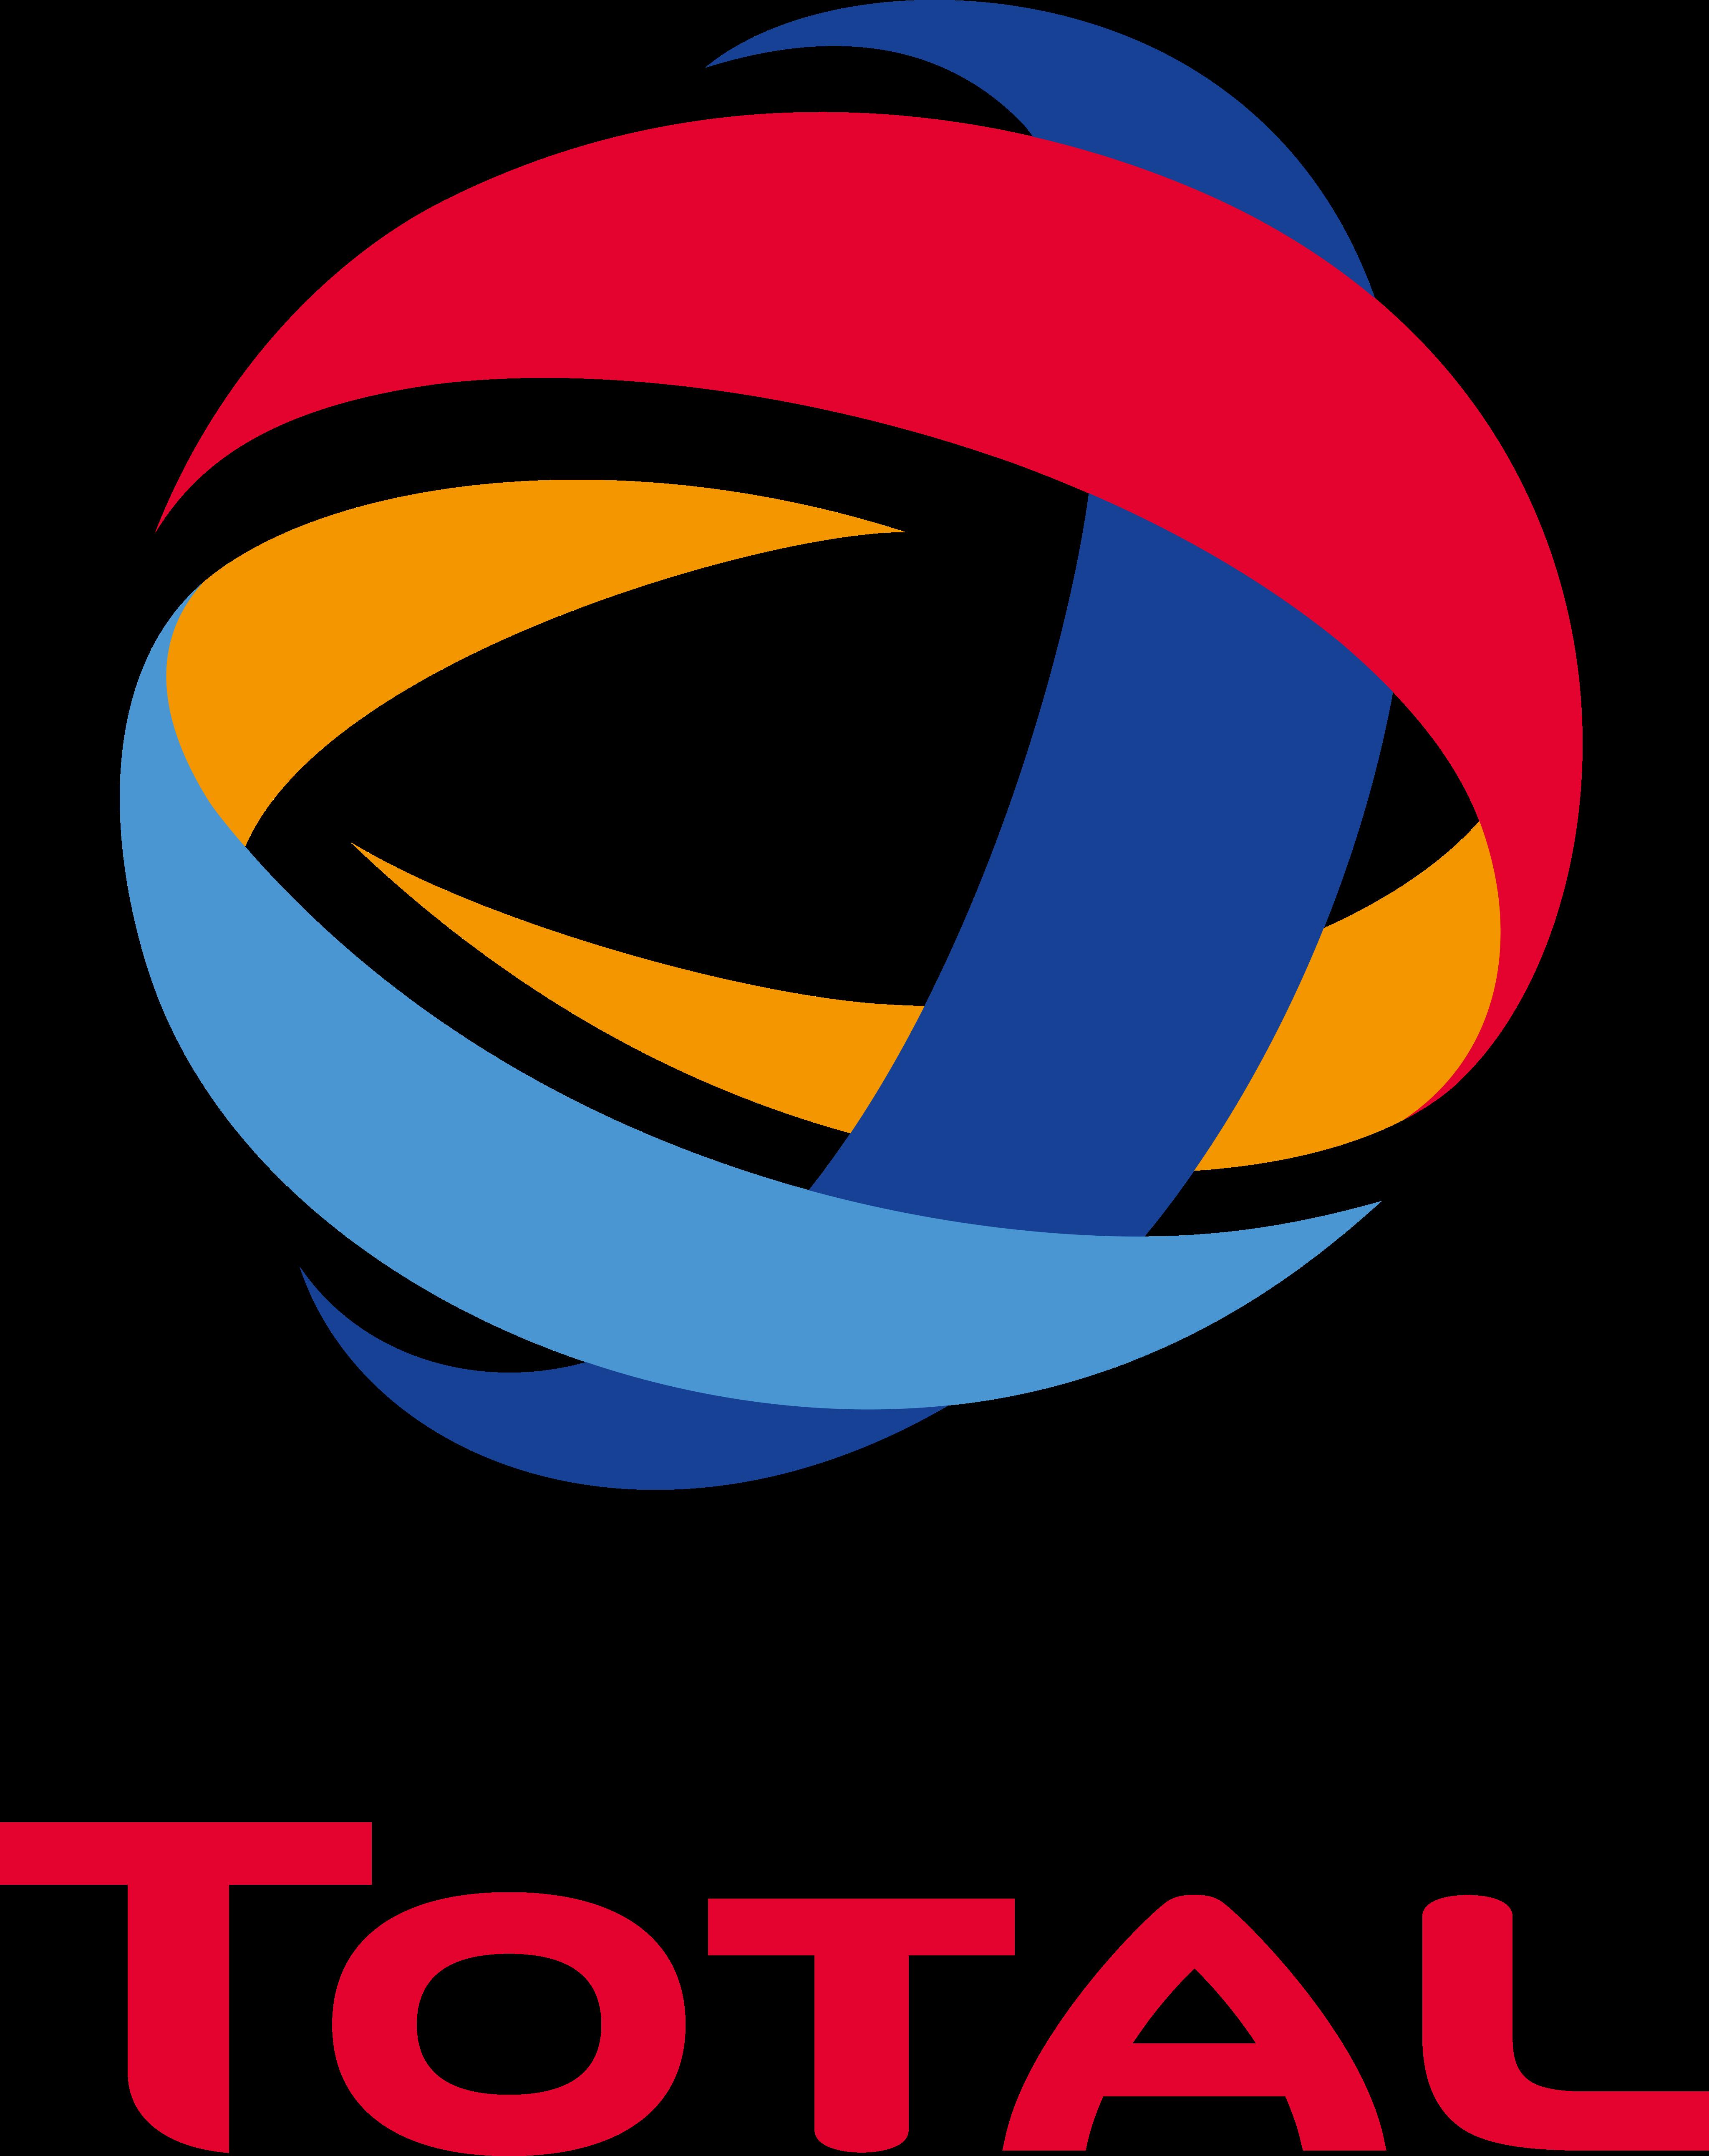 total logo 1 - Total Logo (Energia)